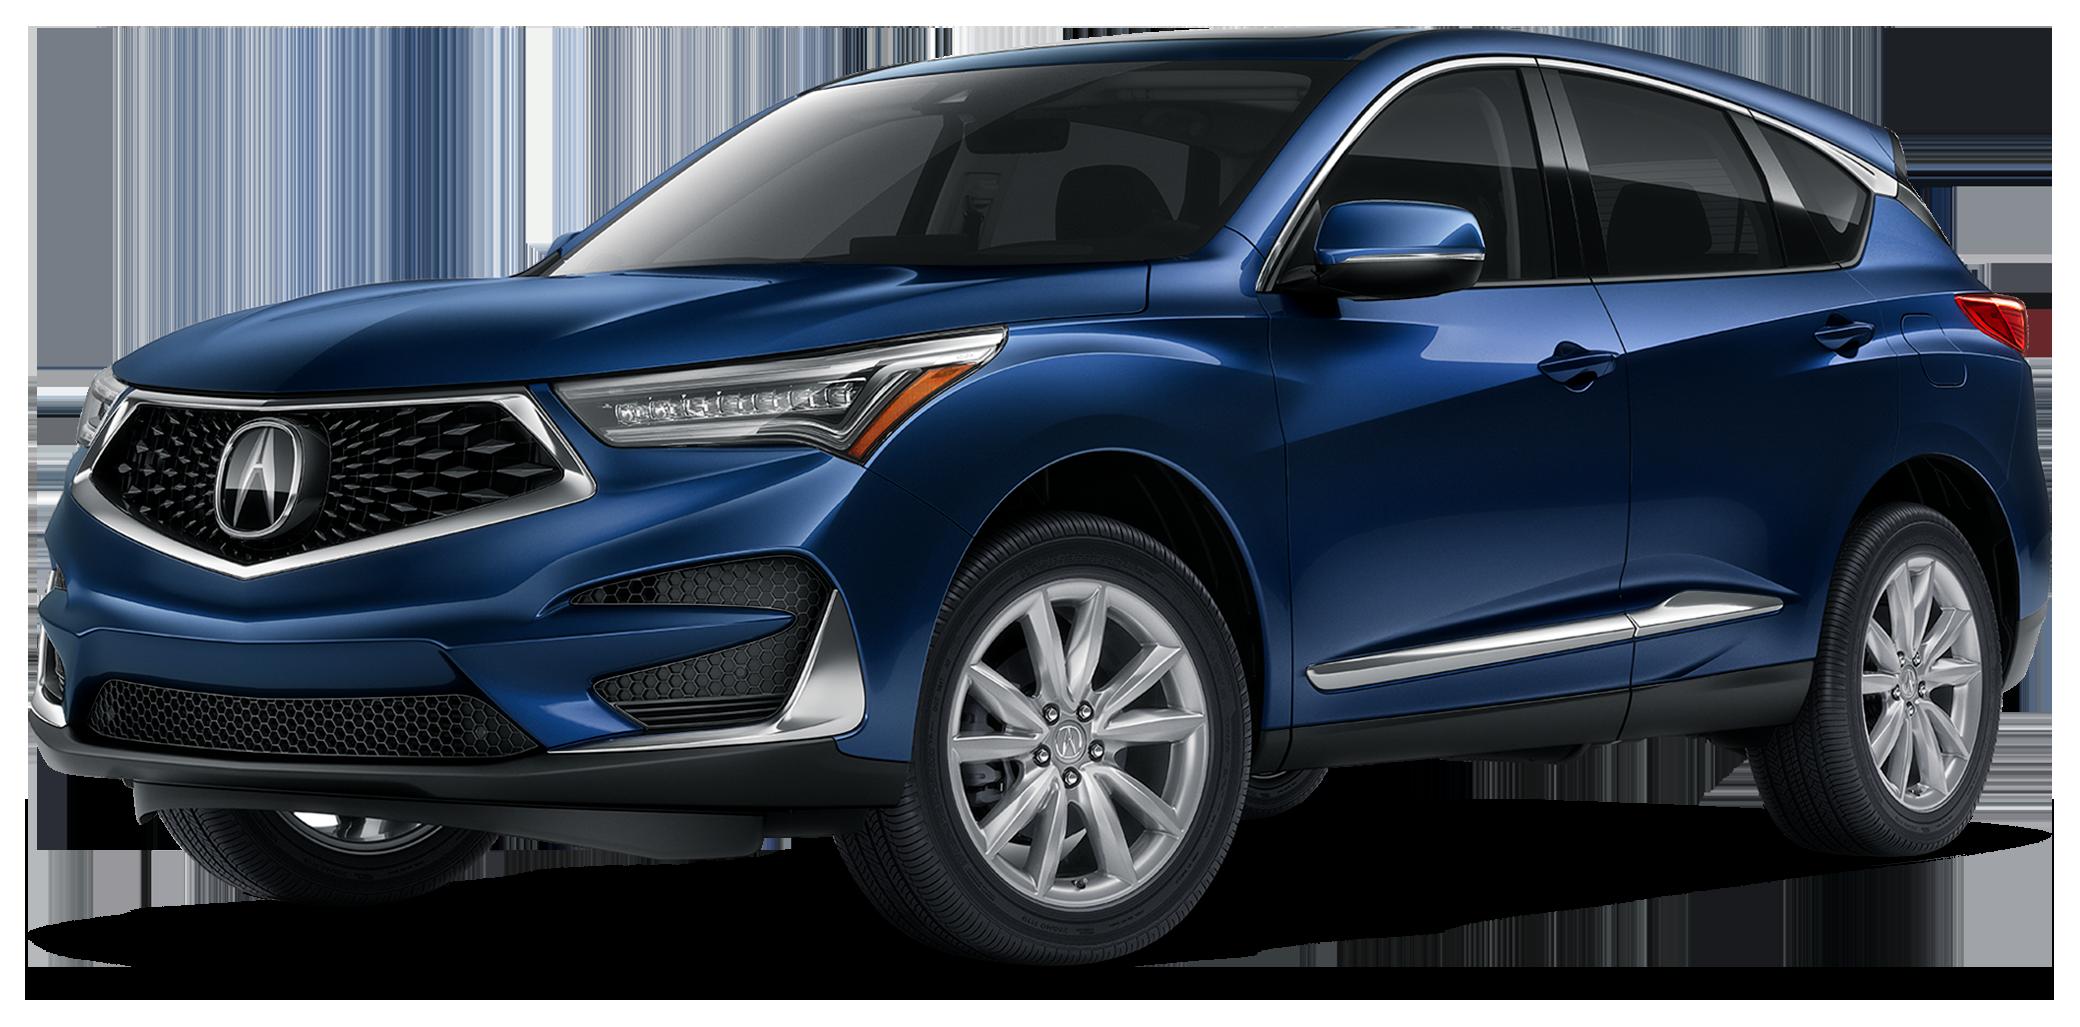 2019 Acura RDX Incentives Specials & fers in San Antonio TX